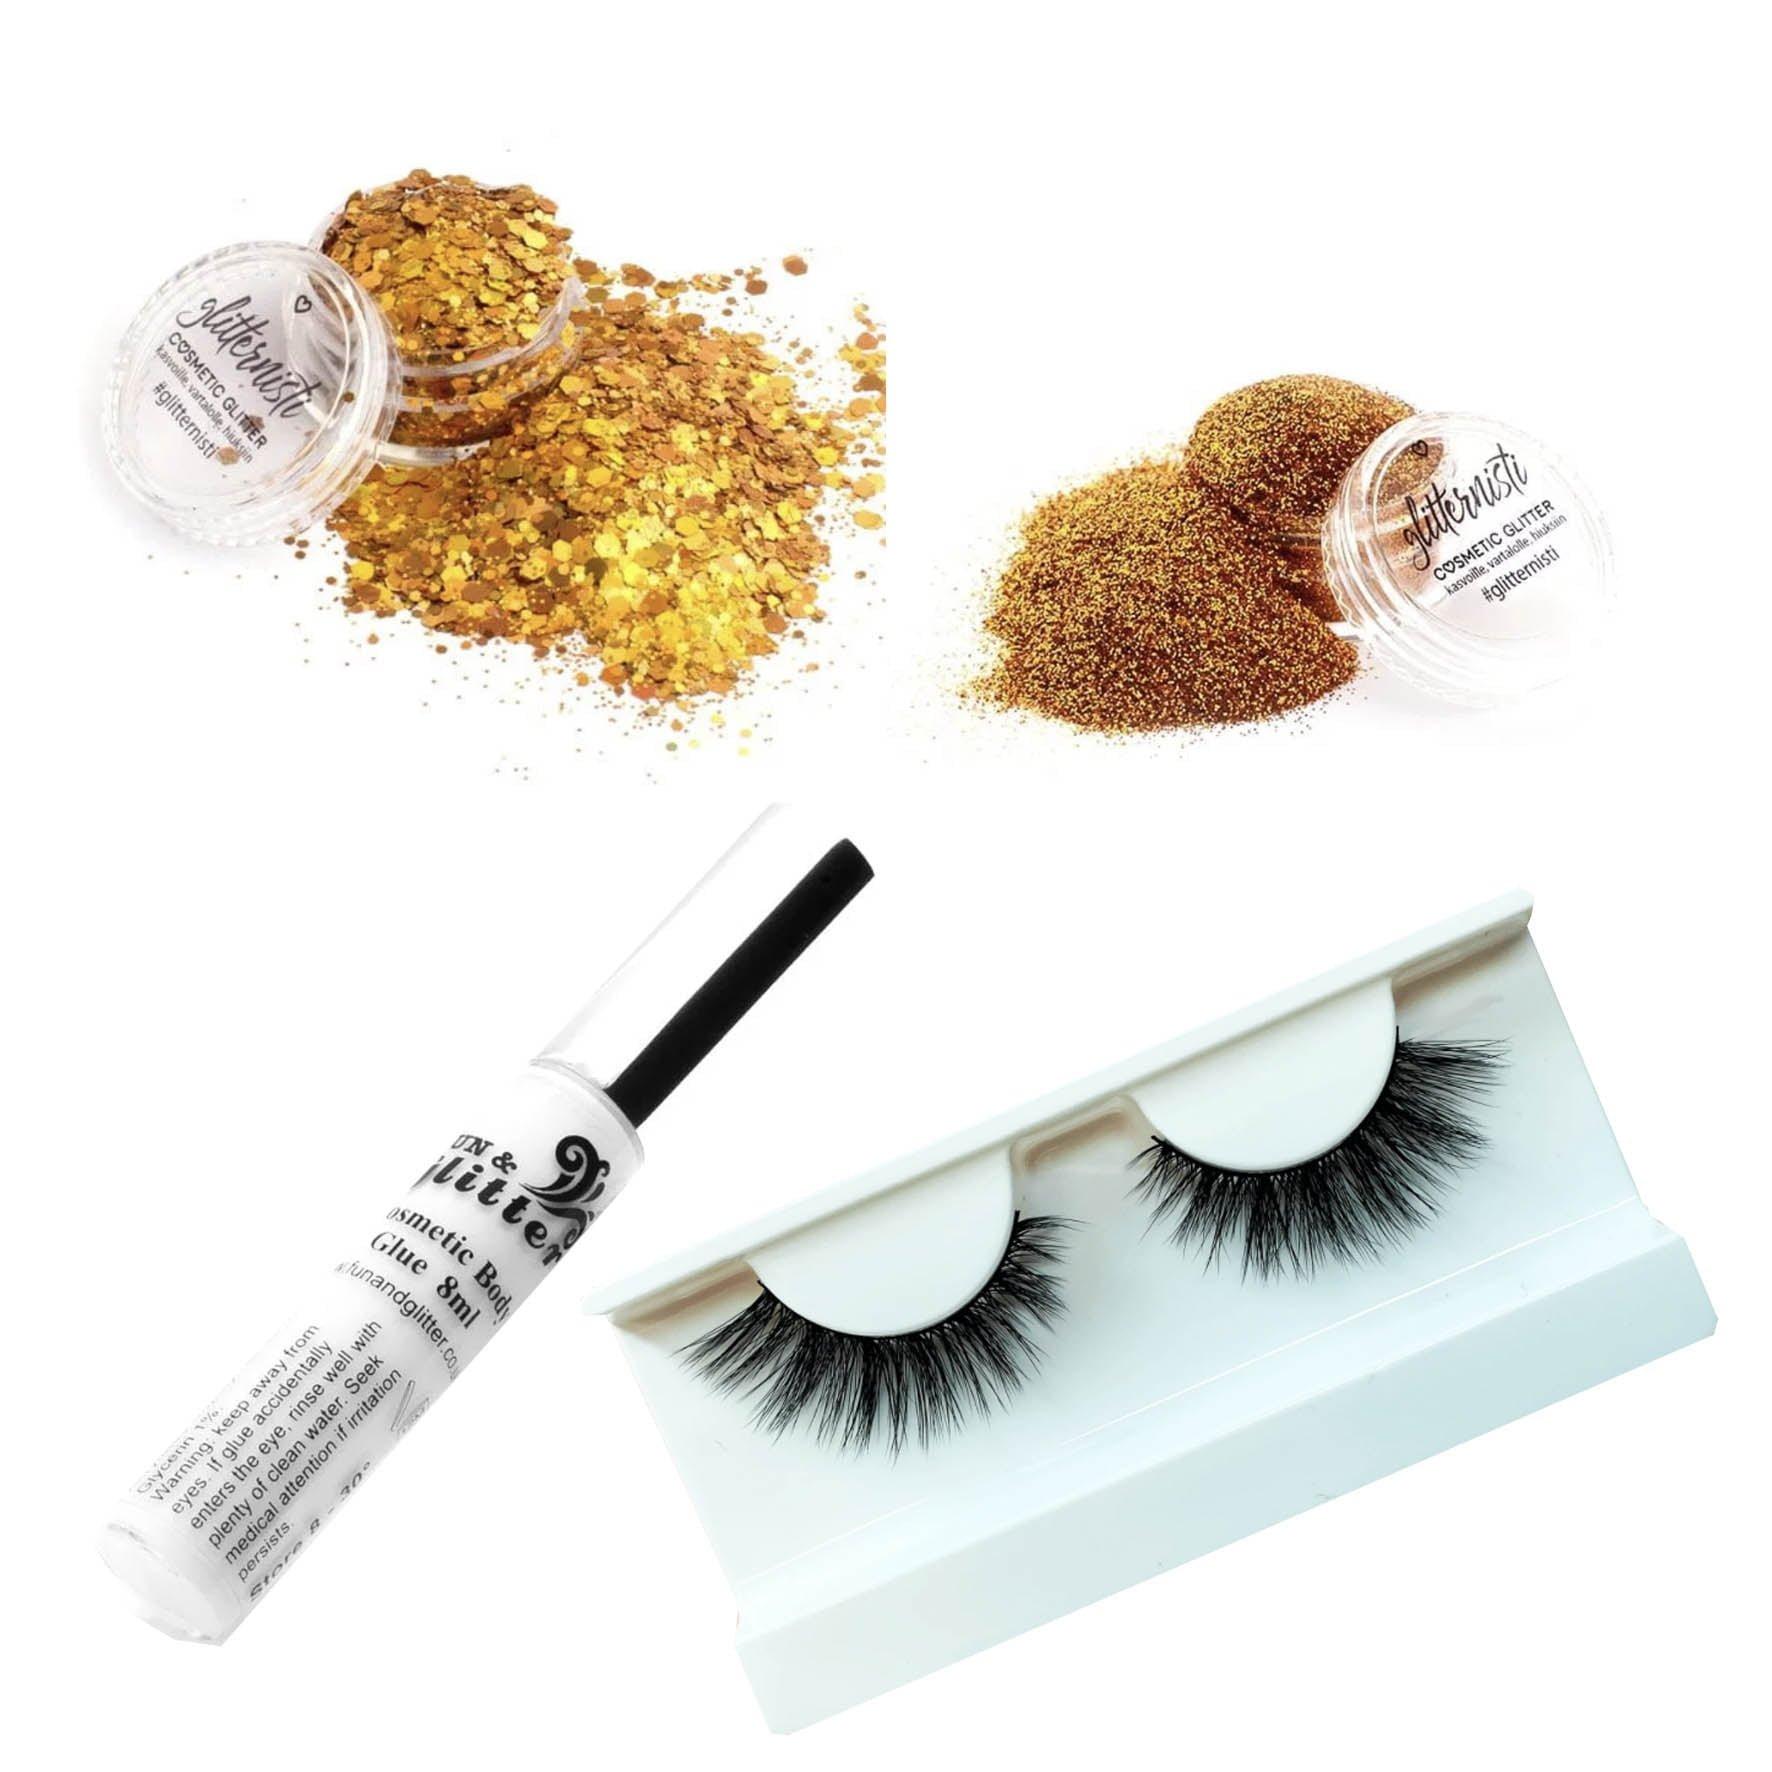 Glitter ripset paketti sisältää glitteriä, liimaa ja tekoripset.